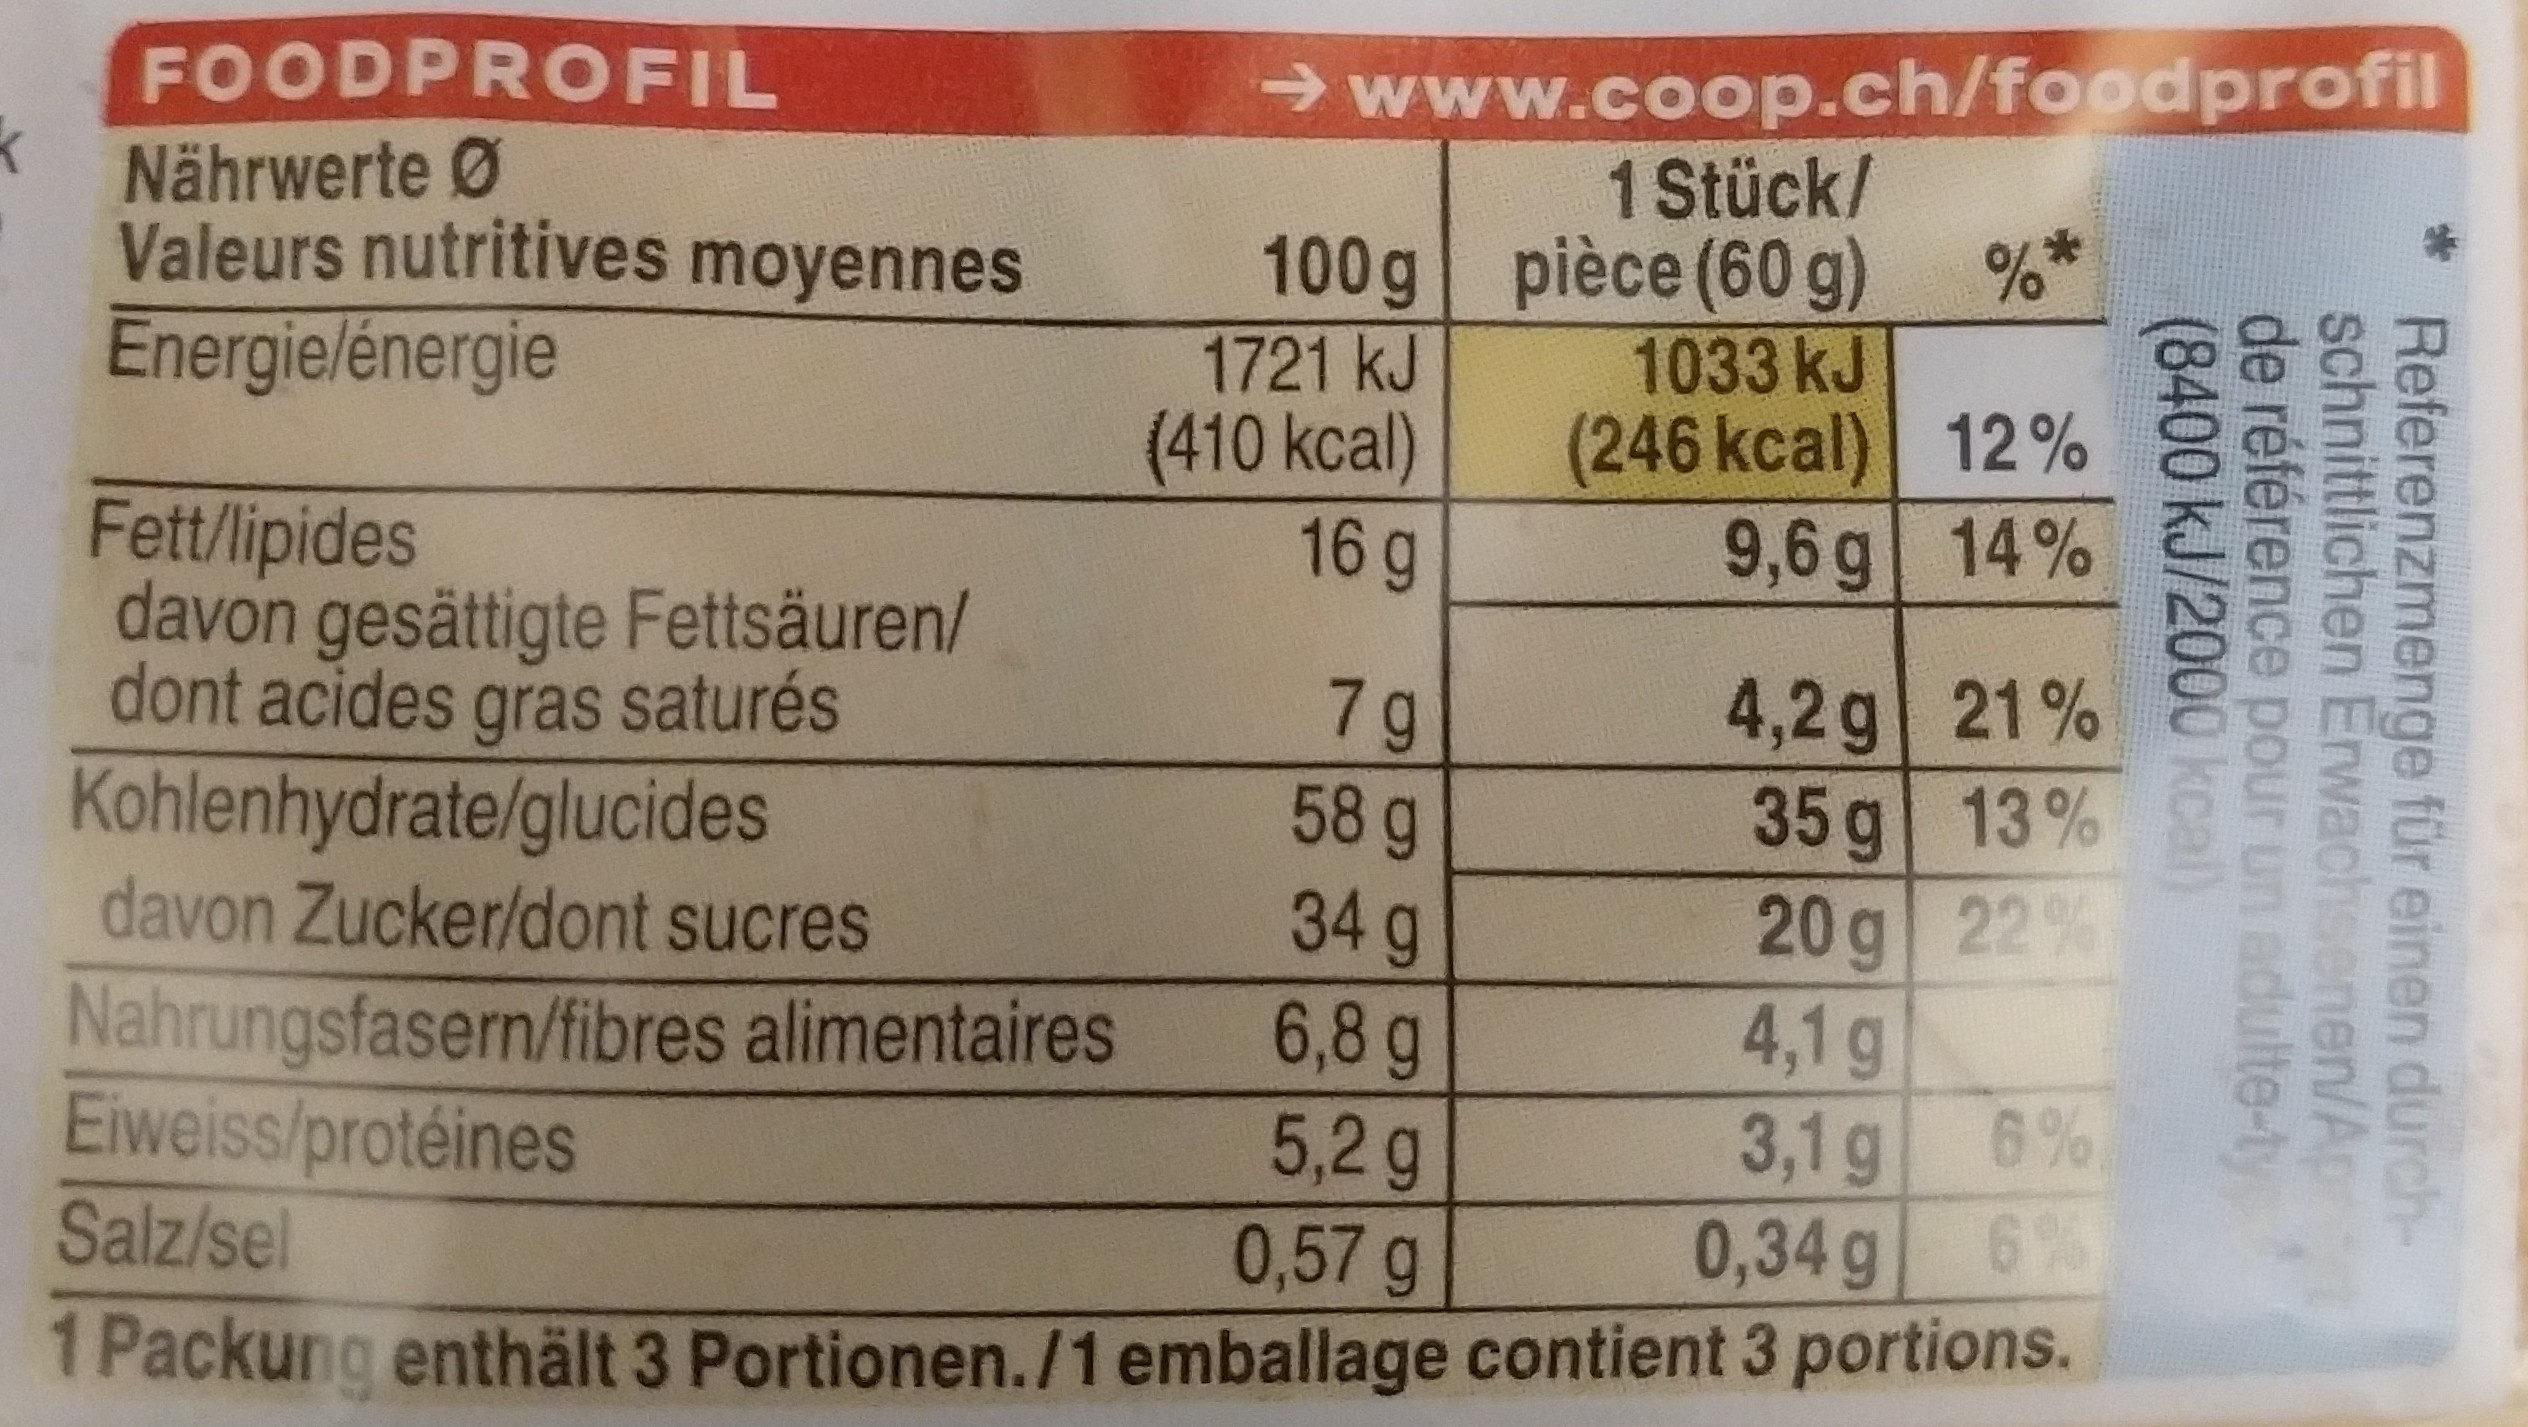 Petits pains aux poires - Informations nutritionnelles - fr